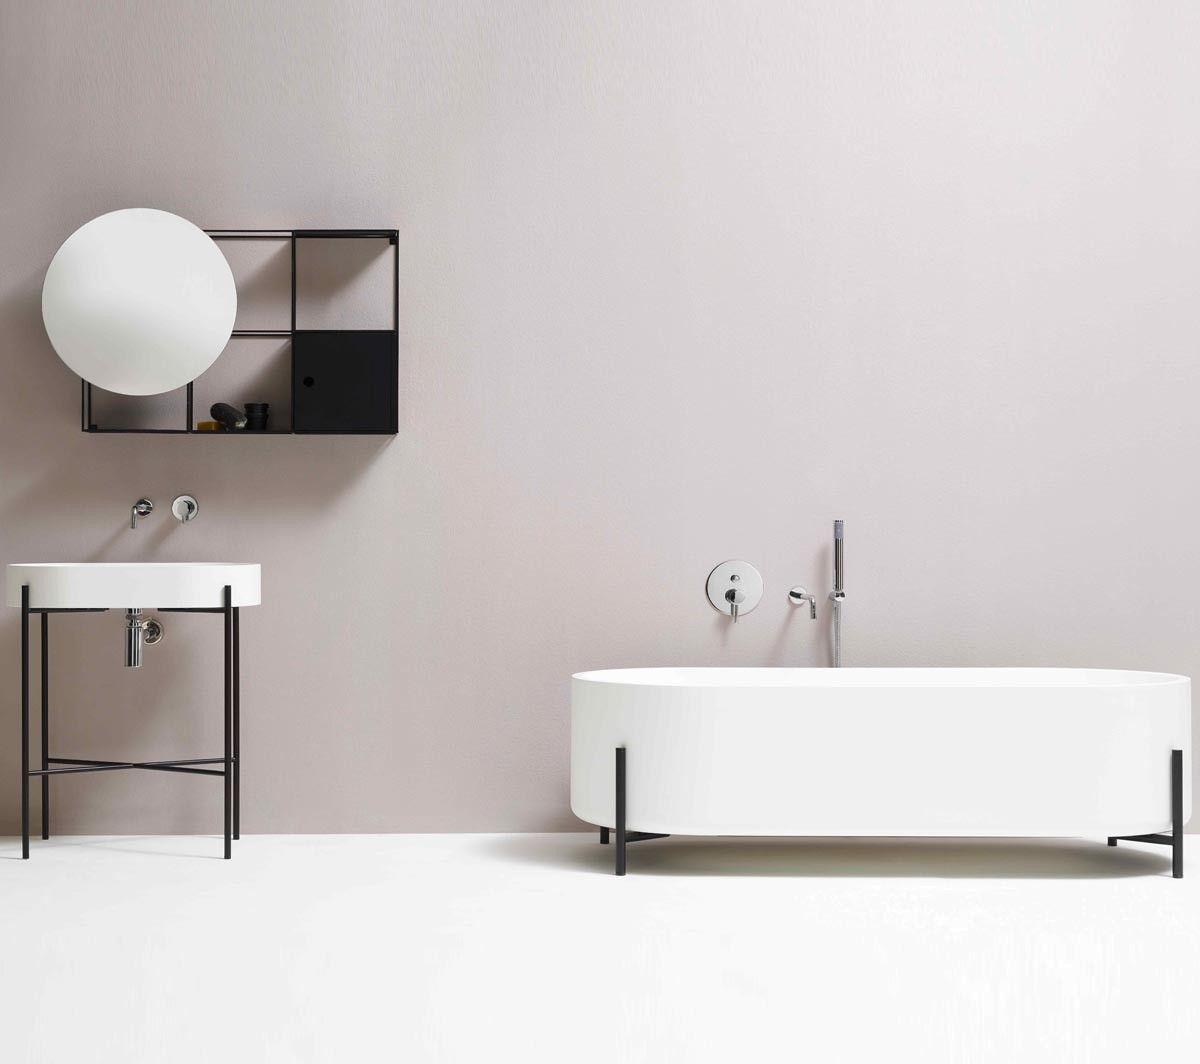 Console da bagno Stand di Ex.t in stile contemporaneo - TaniniHome ...